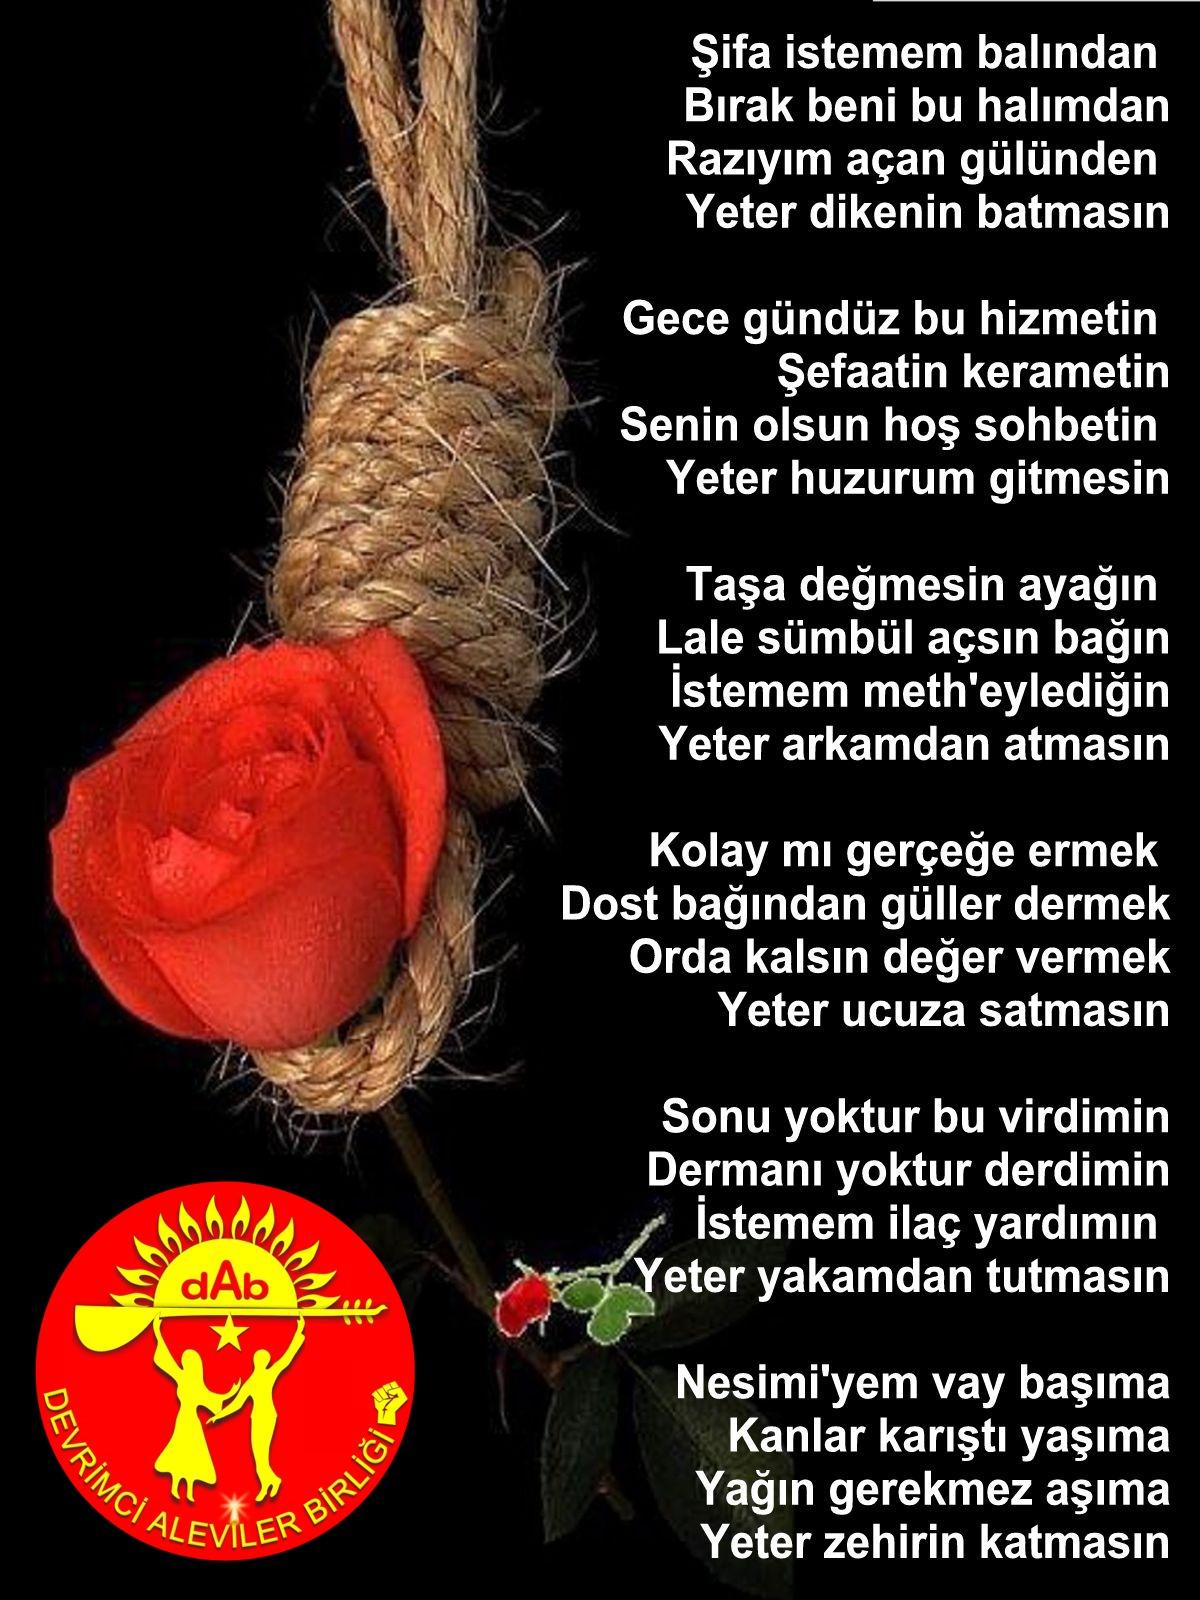 Alevi Bektaşi Kızılbaş Pir Sultan Devrimci Aleviler Birliği DAB yeter